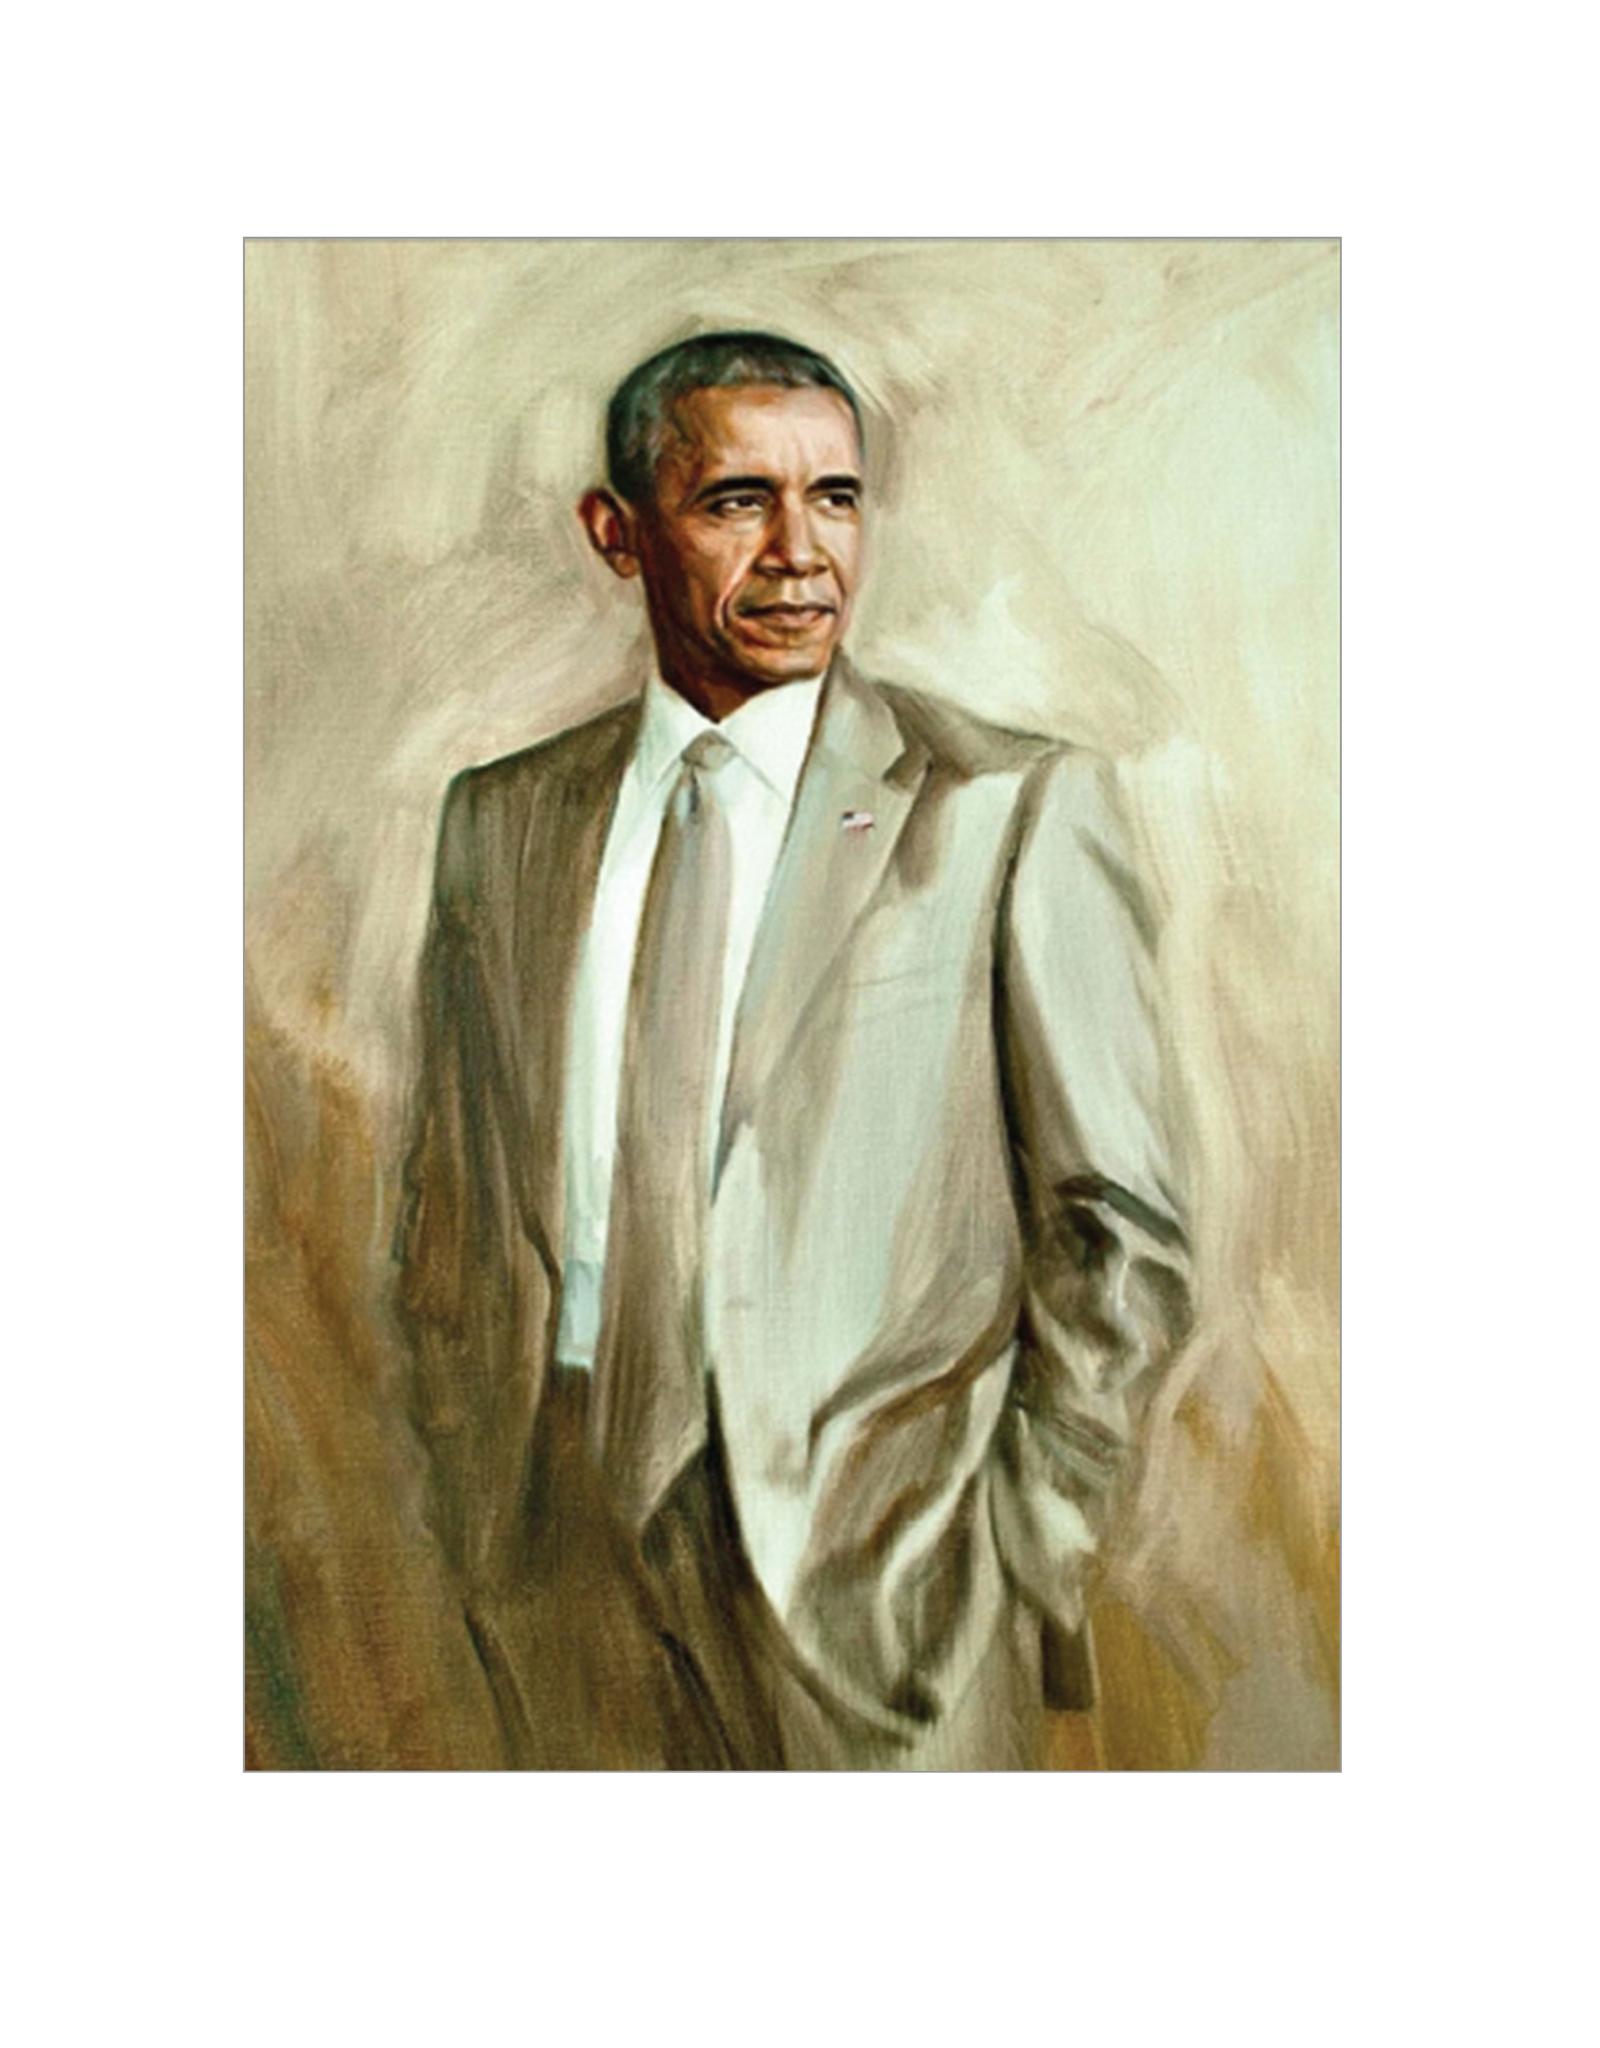 Obama Portrait (tan suit) Magnet